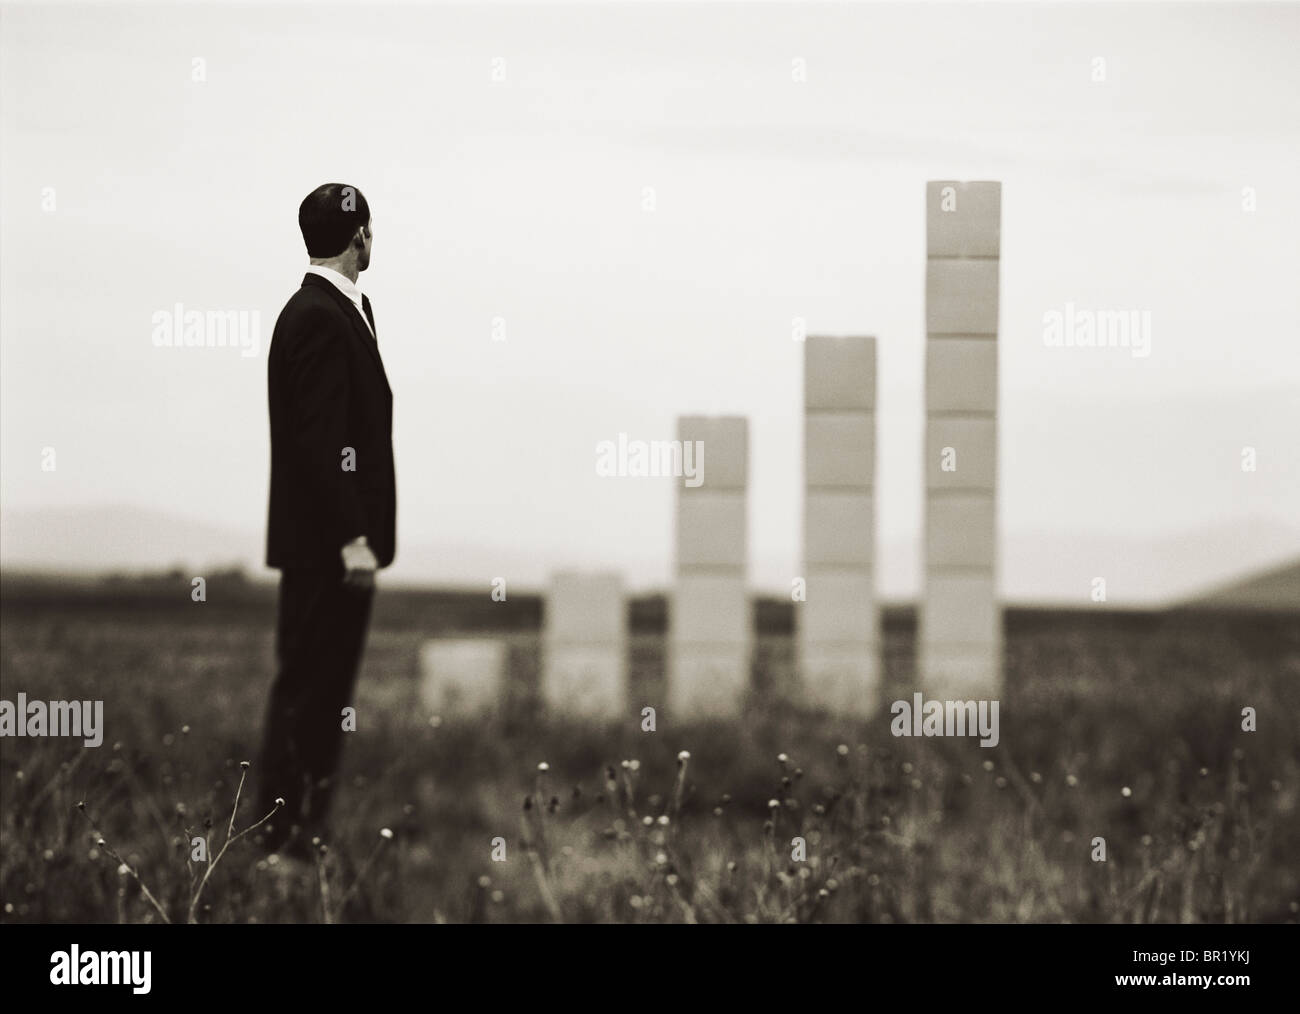 Dans le cadre d'homme avec des boîtes empilées formant un graphe. Photo Stock